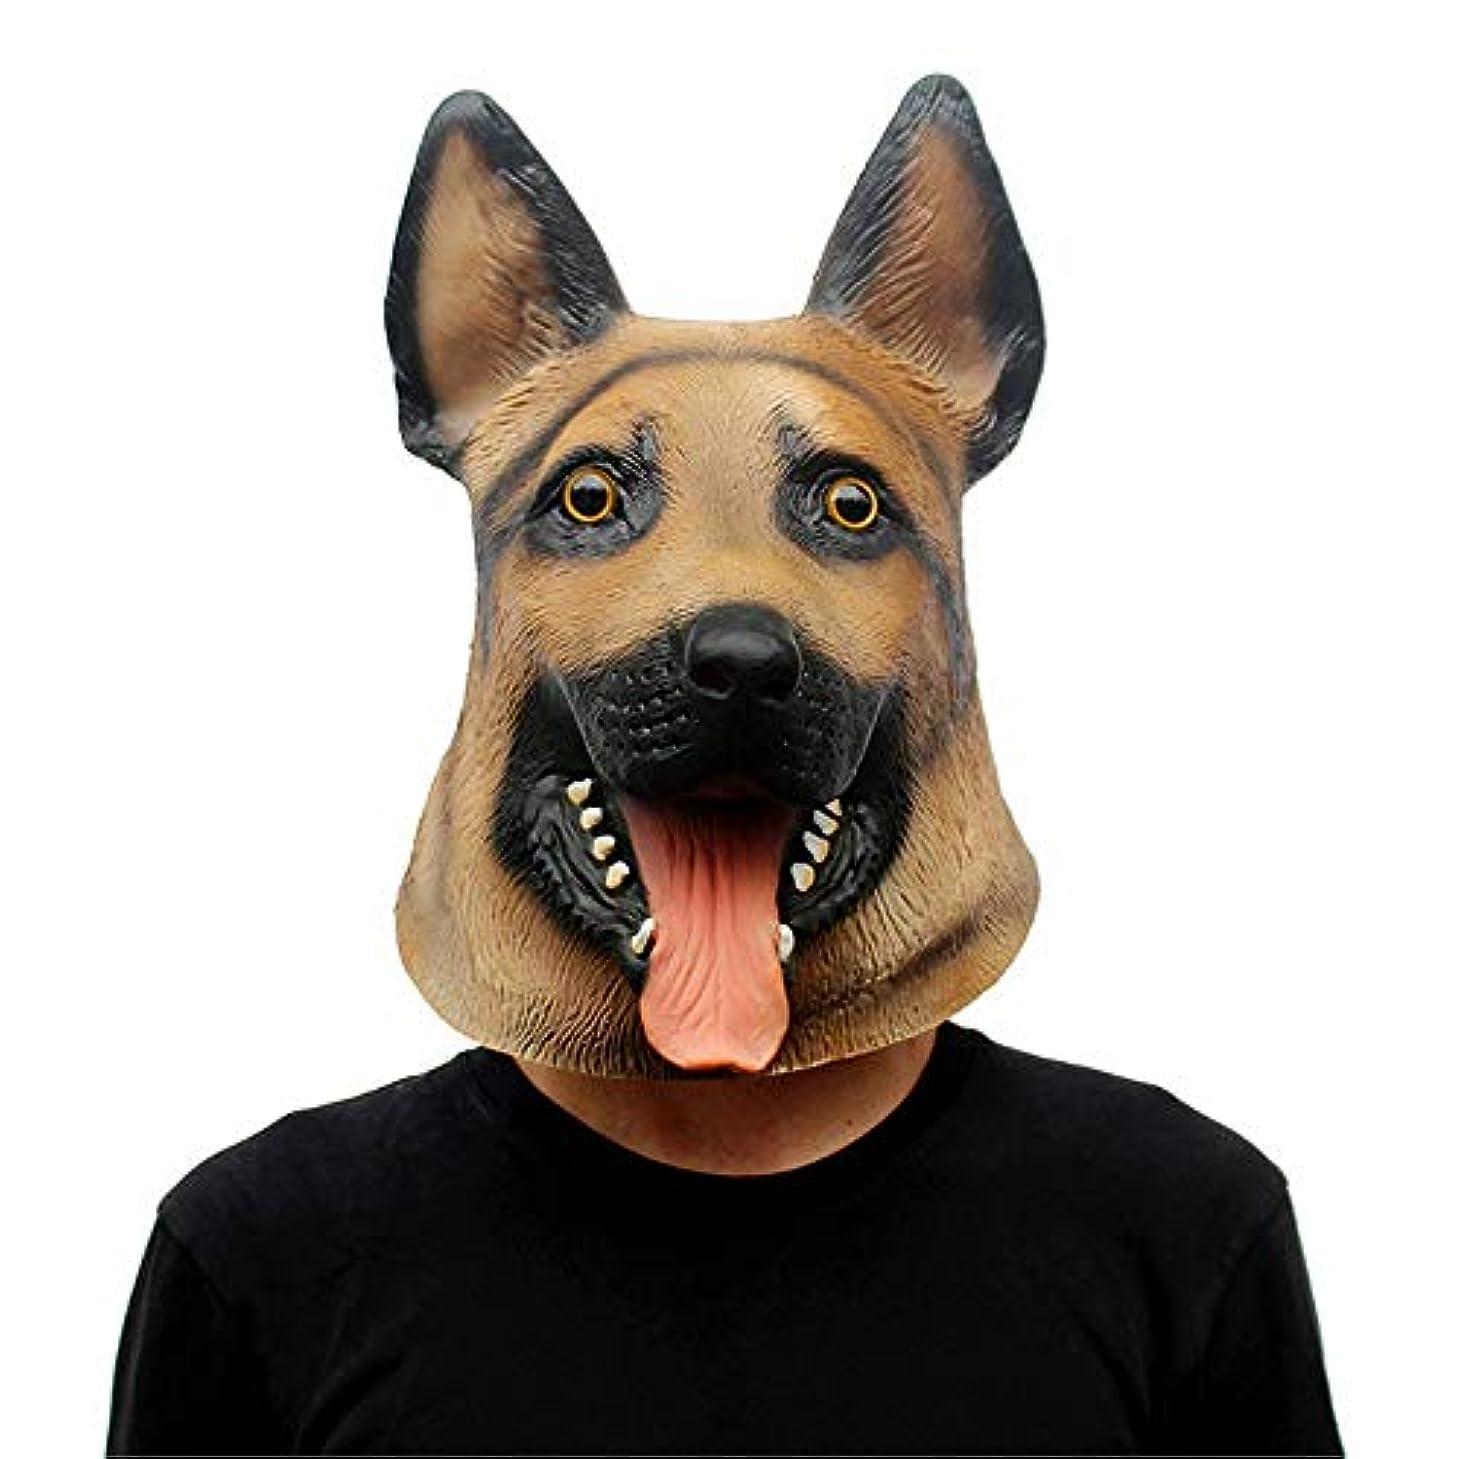 ずんぐりした懲戒滴下柴犬マスクラテックスマスクハロウィンコスプレ小道具犬ヘッドマスク